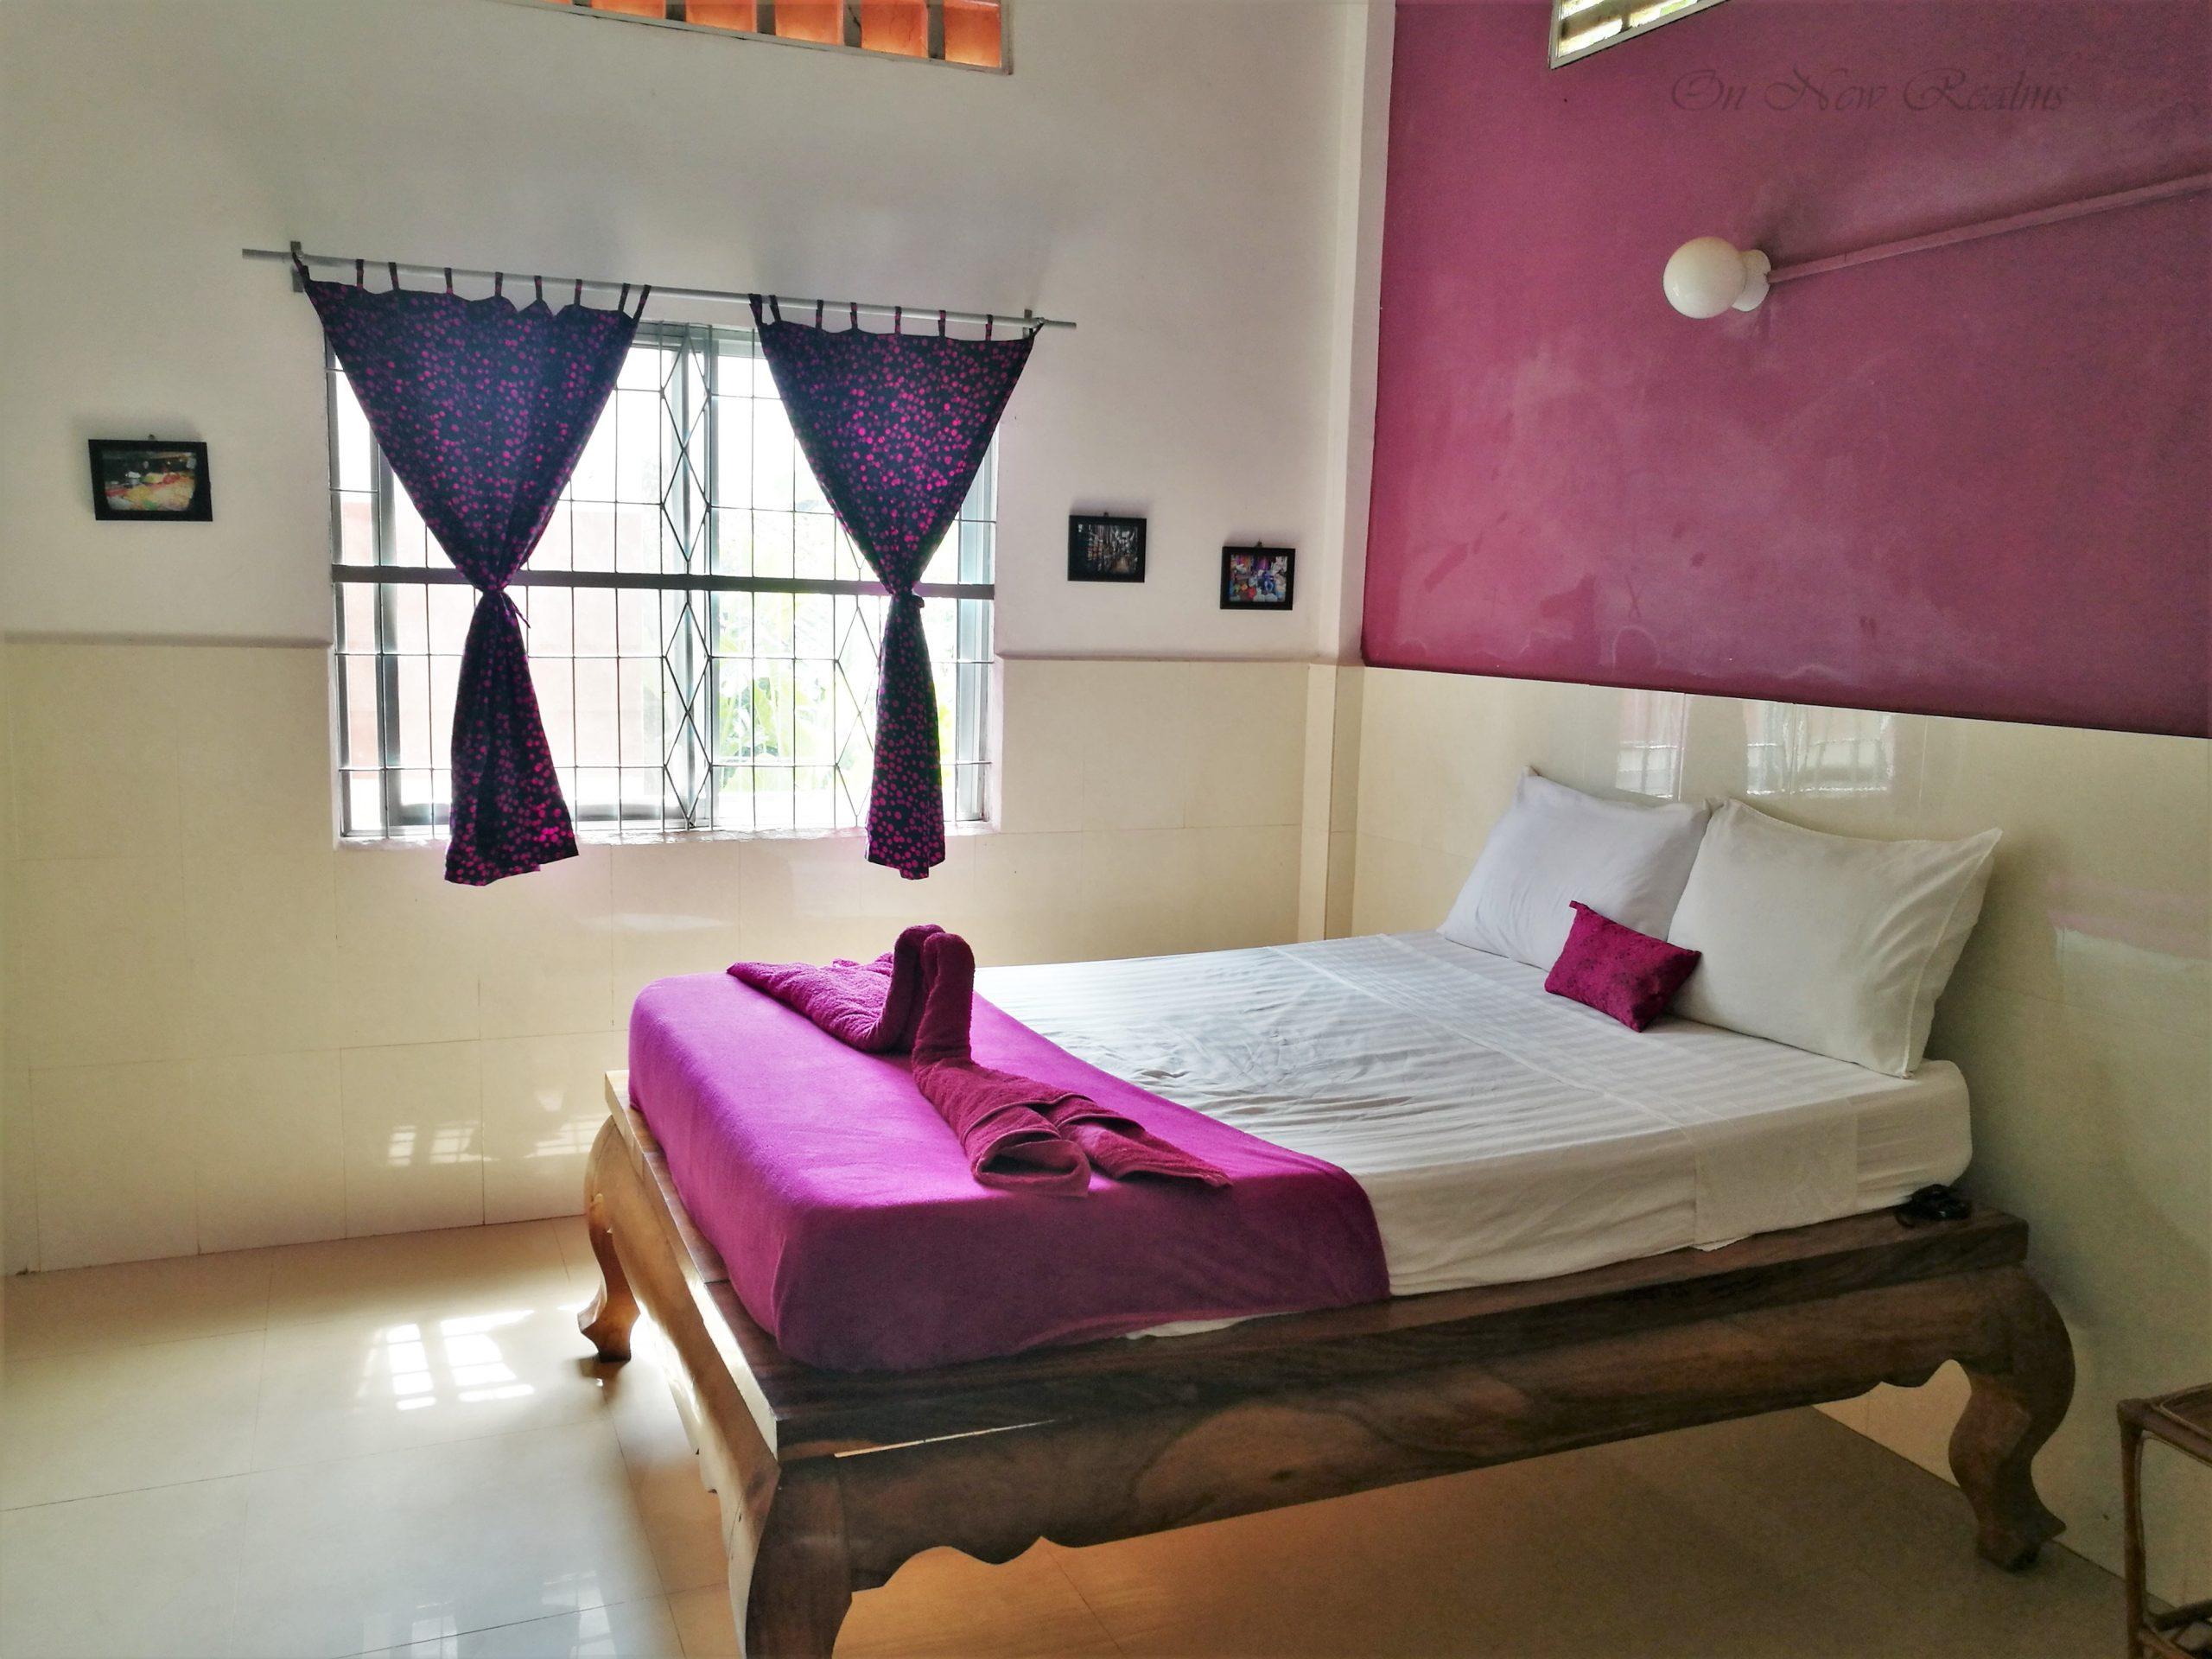 Accommodaton-Cambodia-scaled